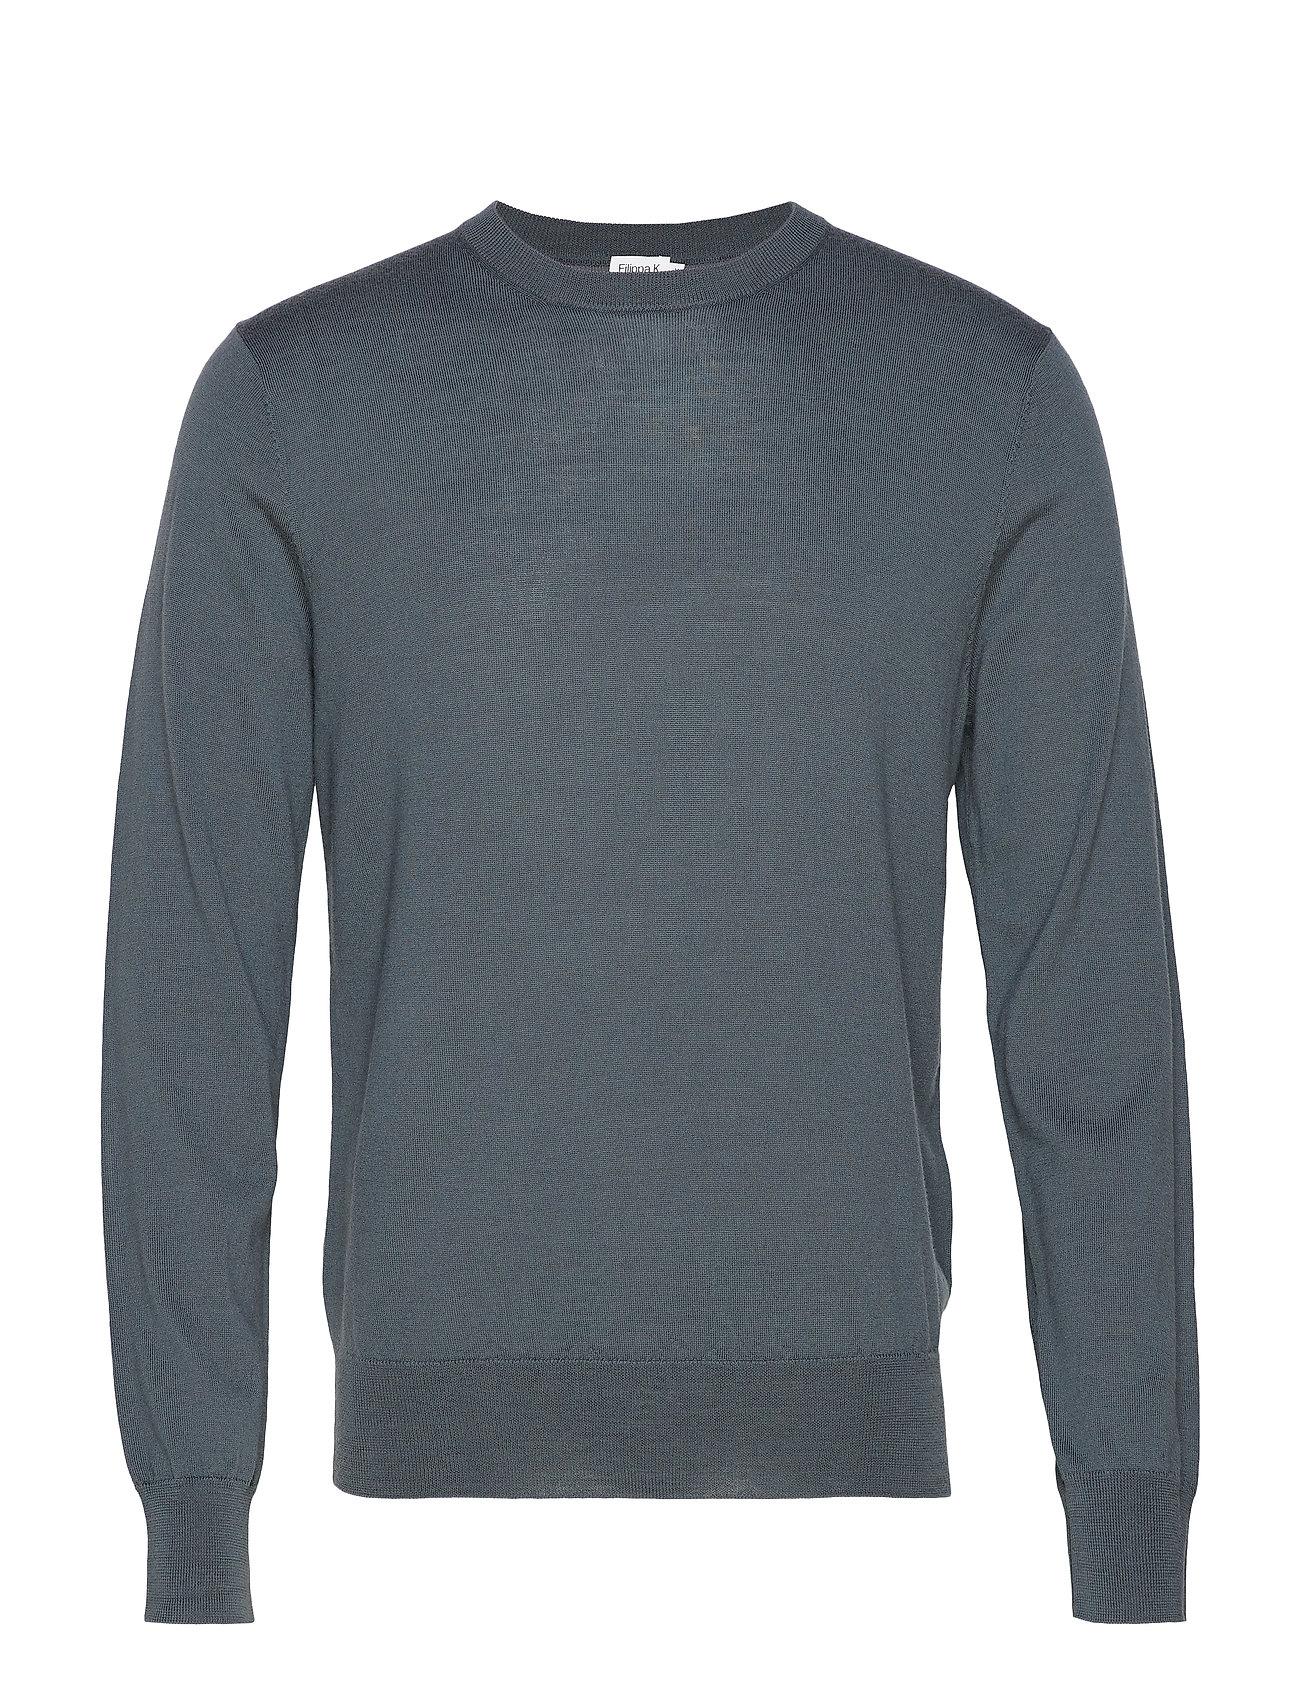 Filippa K M. Merino Sweater - STONE GREE